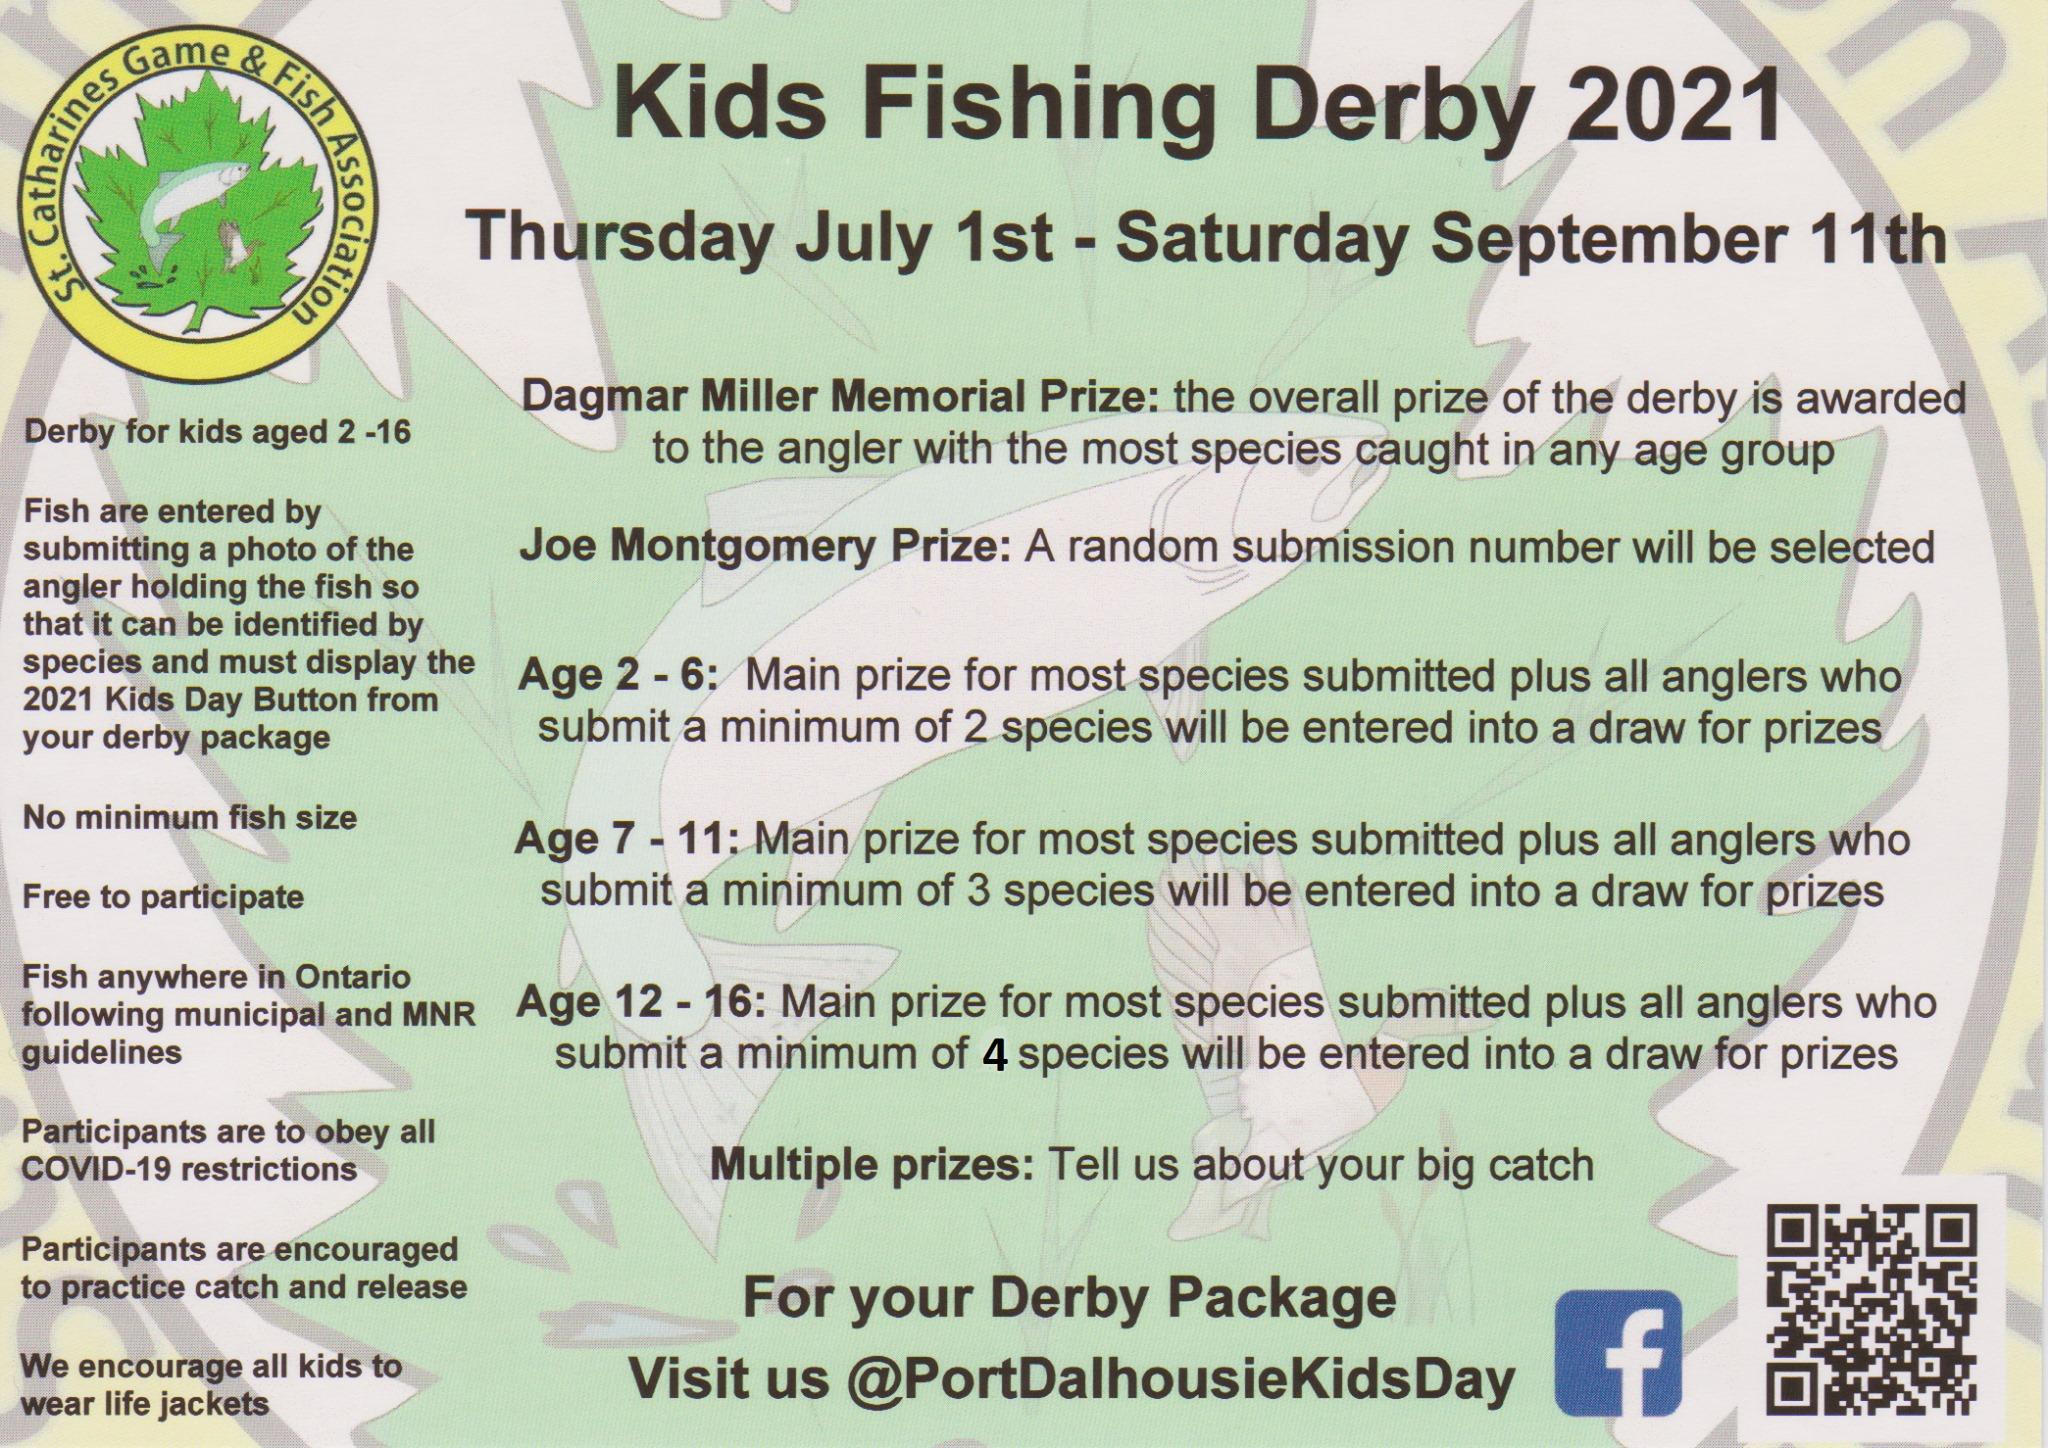 Kids Fishing Derby 2021